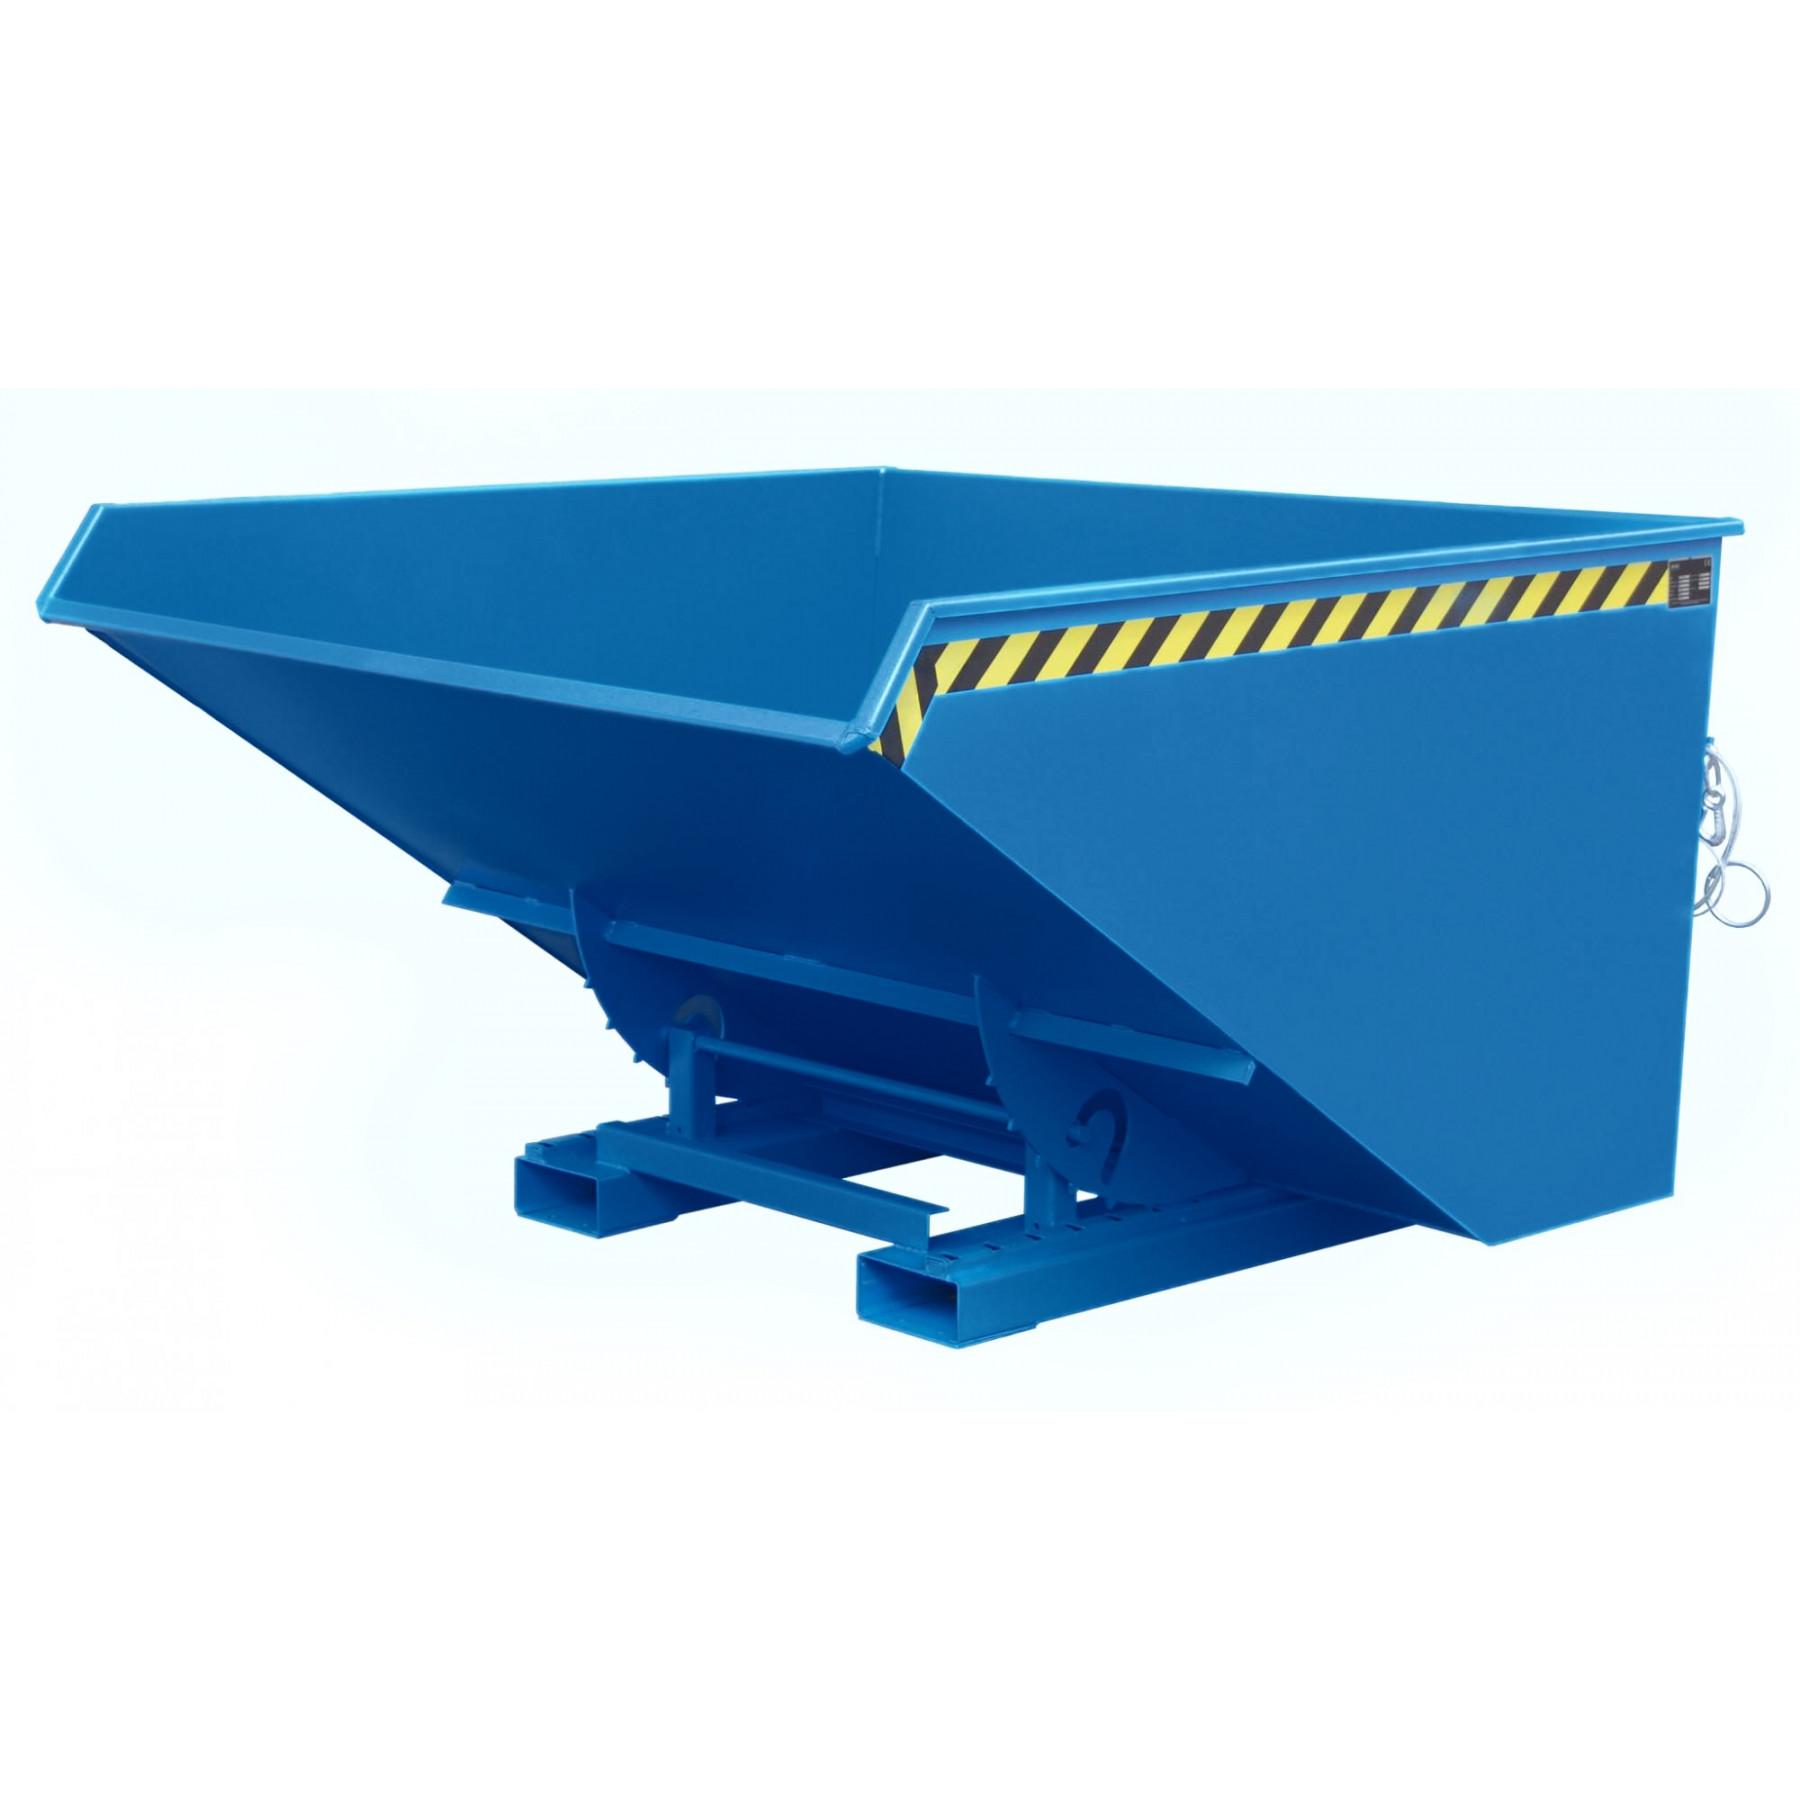 Kiepcontainer 2100 liter, hoog model, MTF-2100-5001